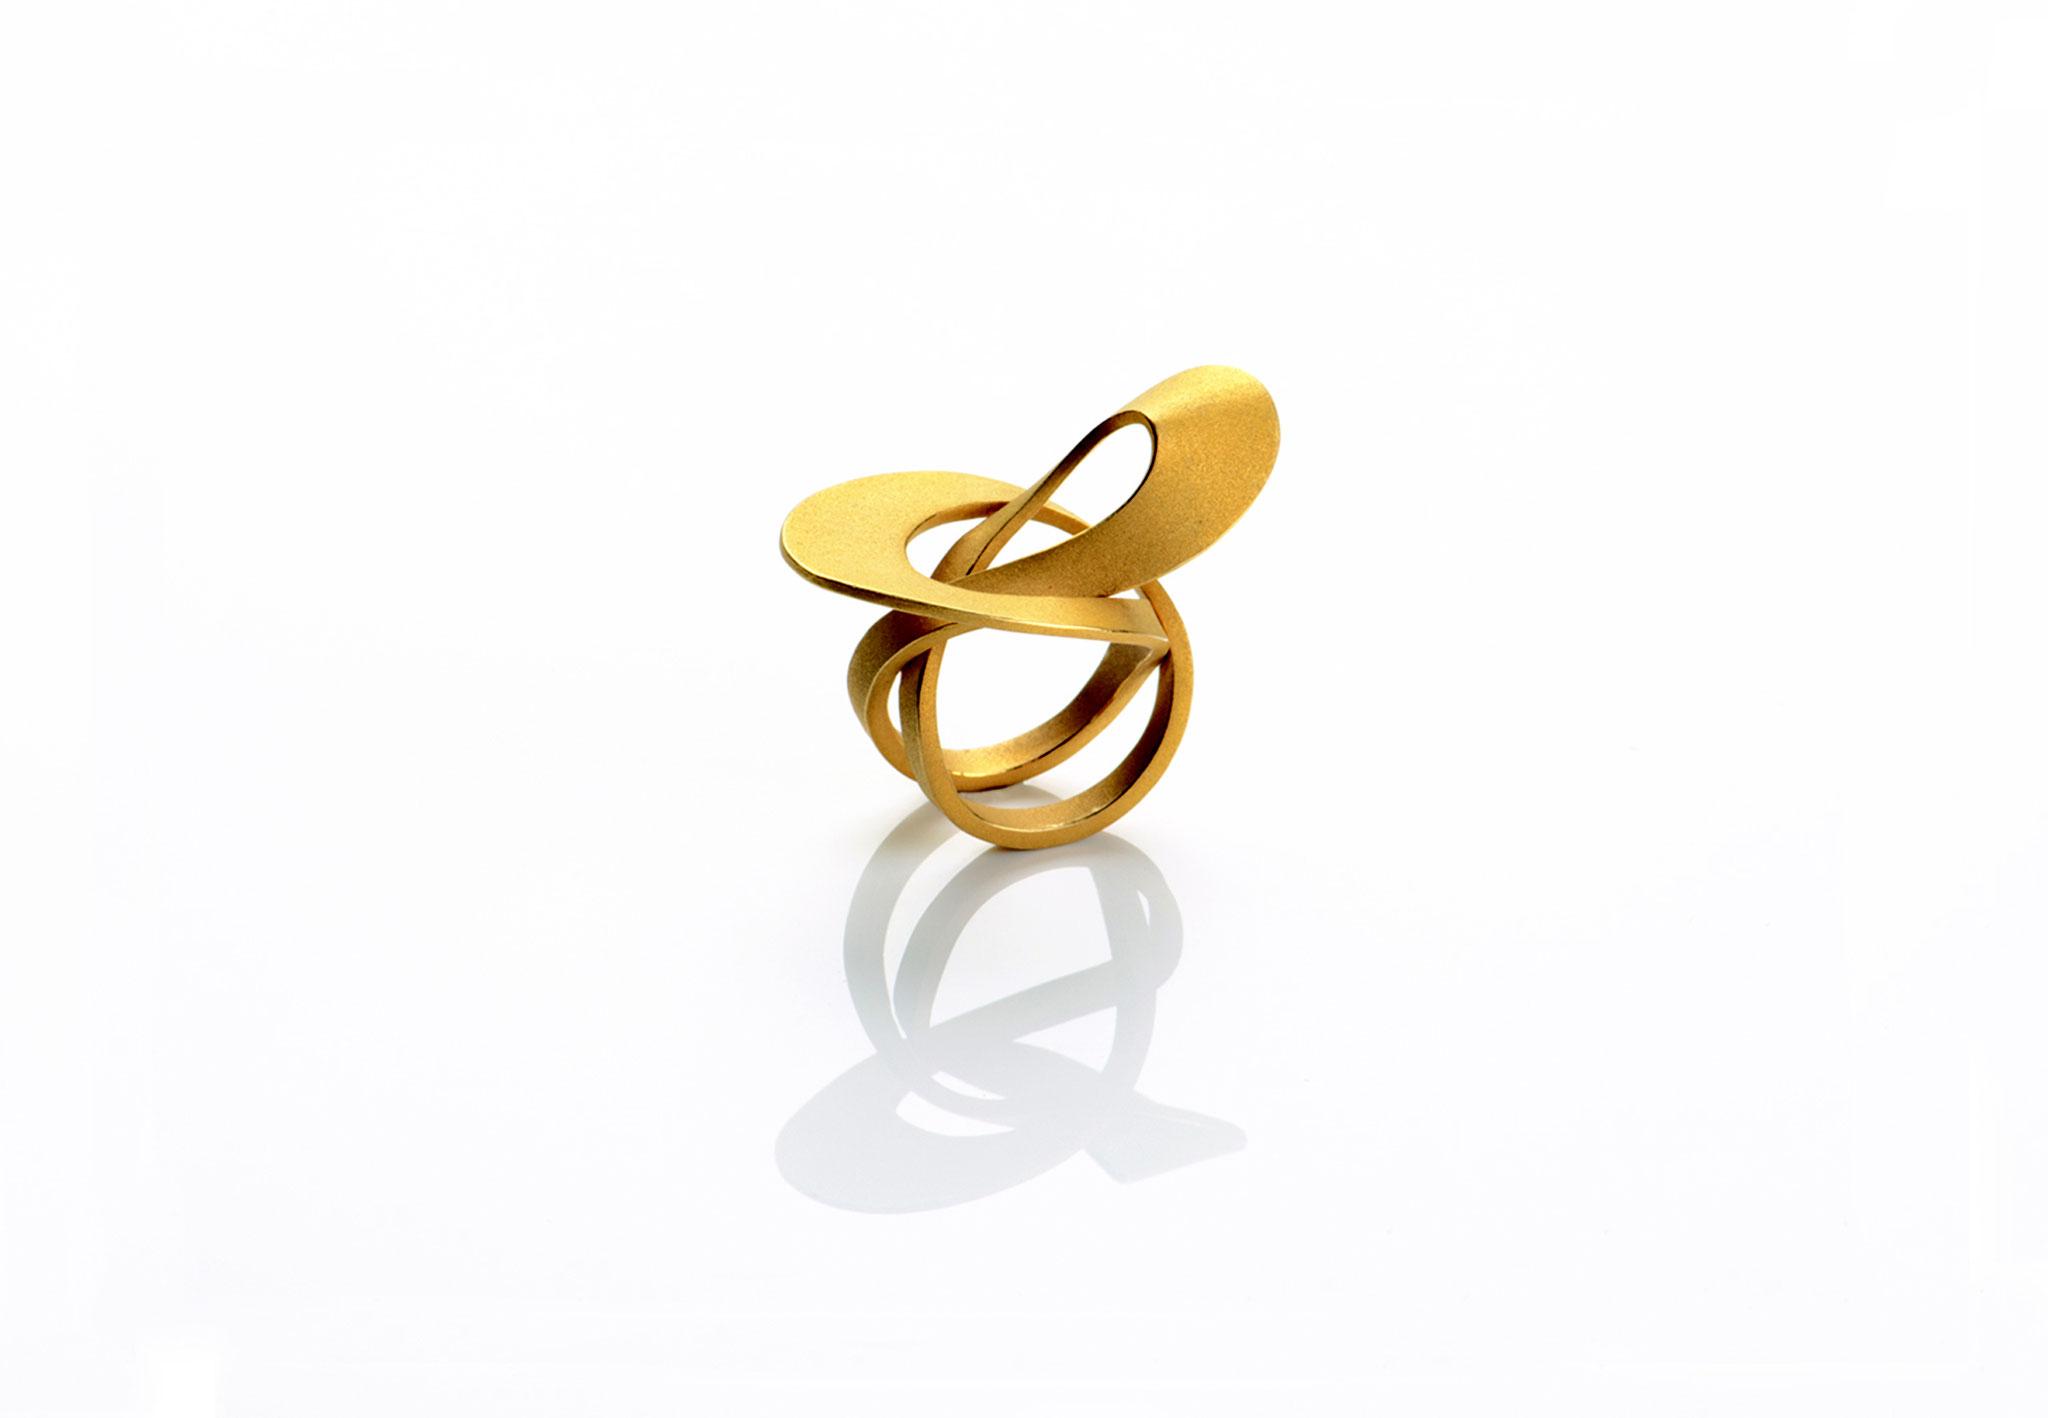 Wendepunkt Ring M6, 925/- Silber, 18ct goldplattiert